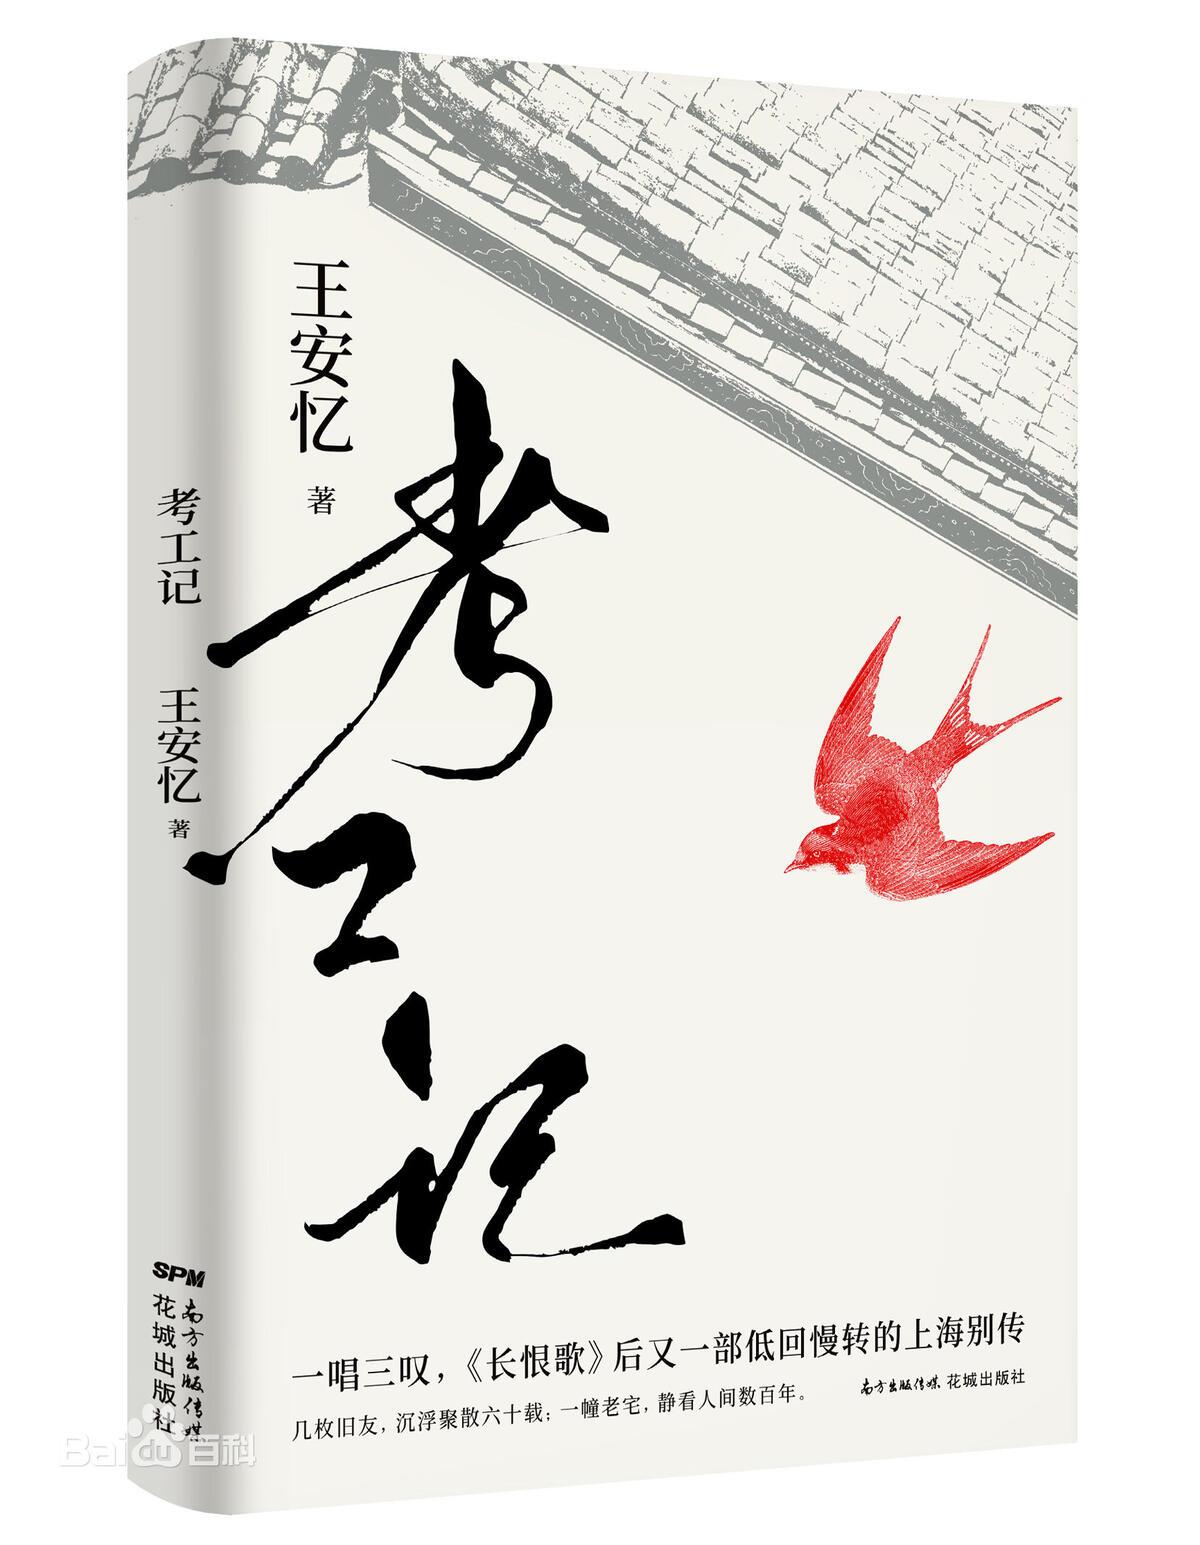 王安忆《考工记》:历史的技艺与技艺的历史